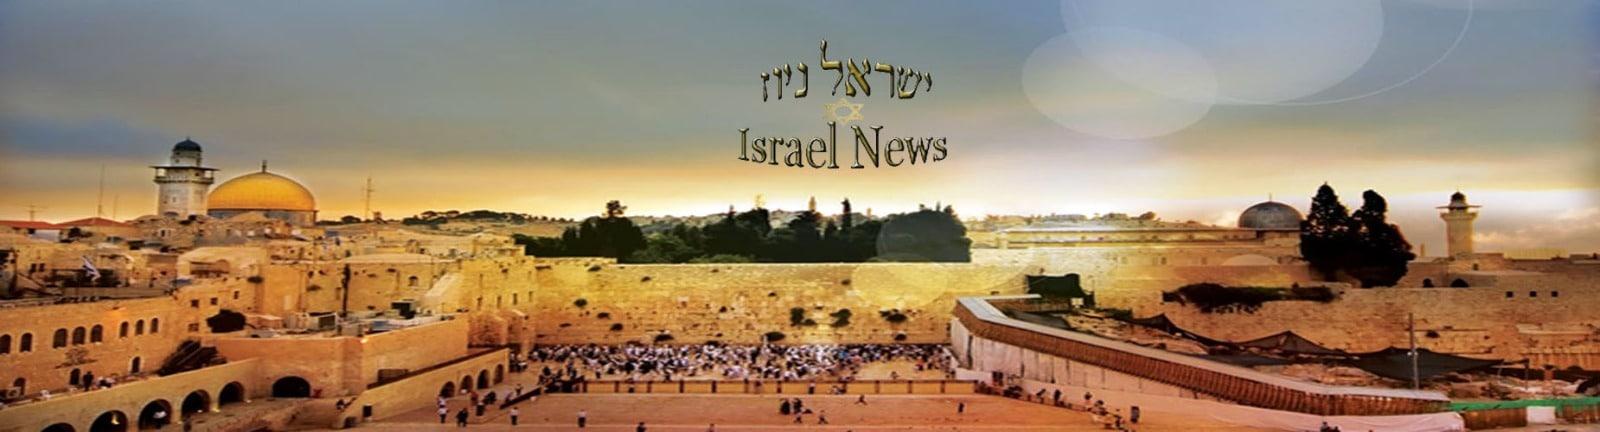 ישראל ניוז Israel News